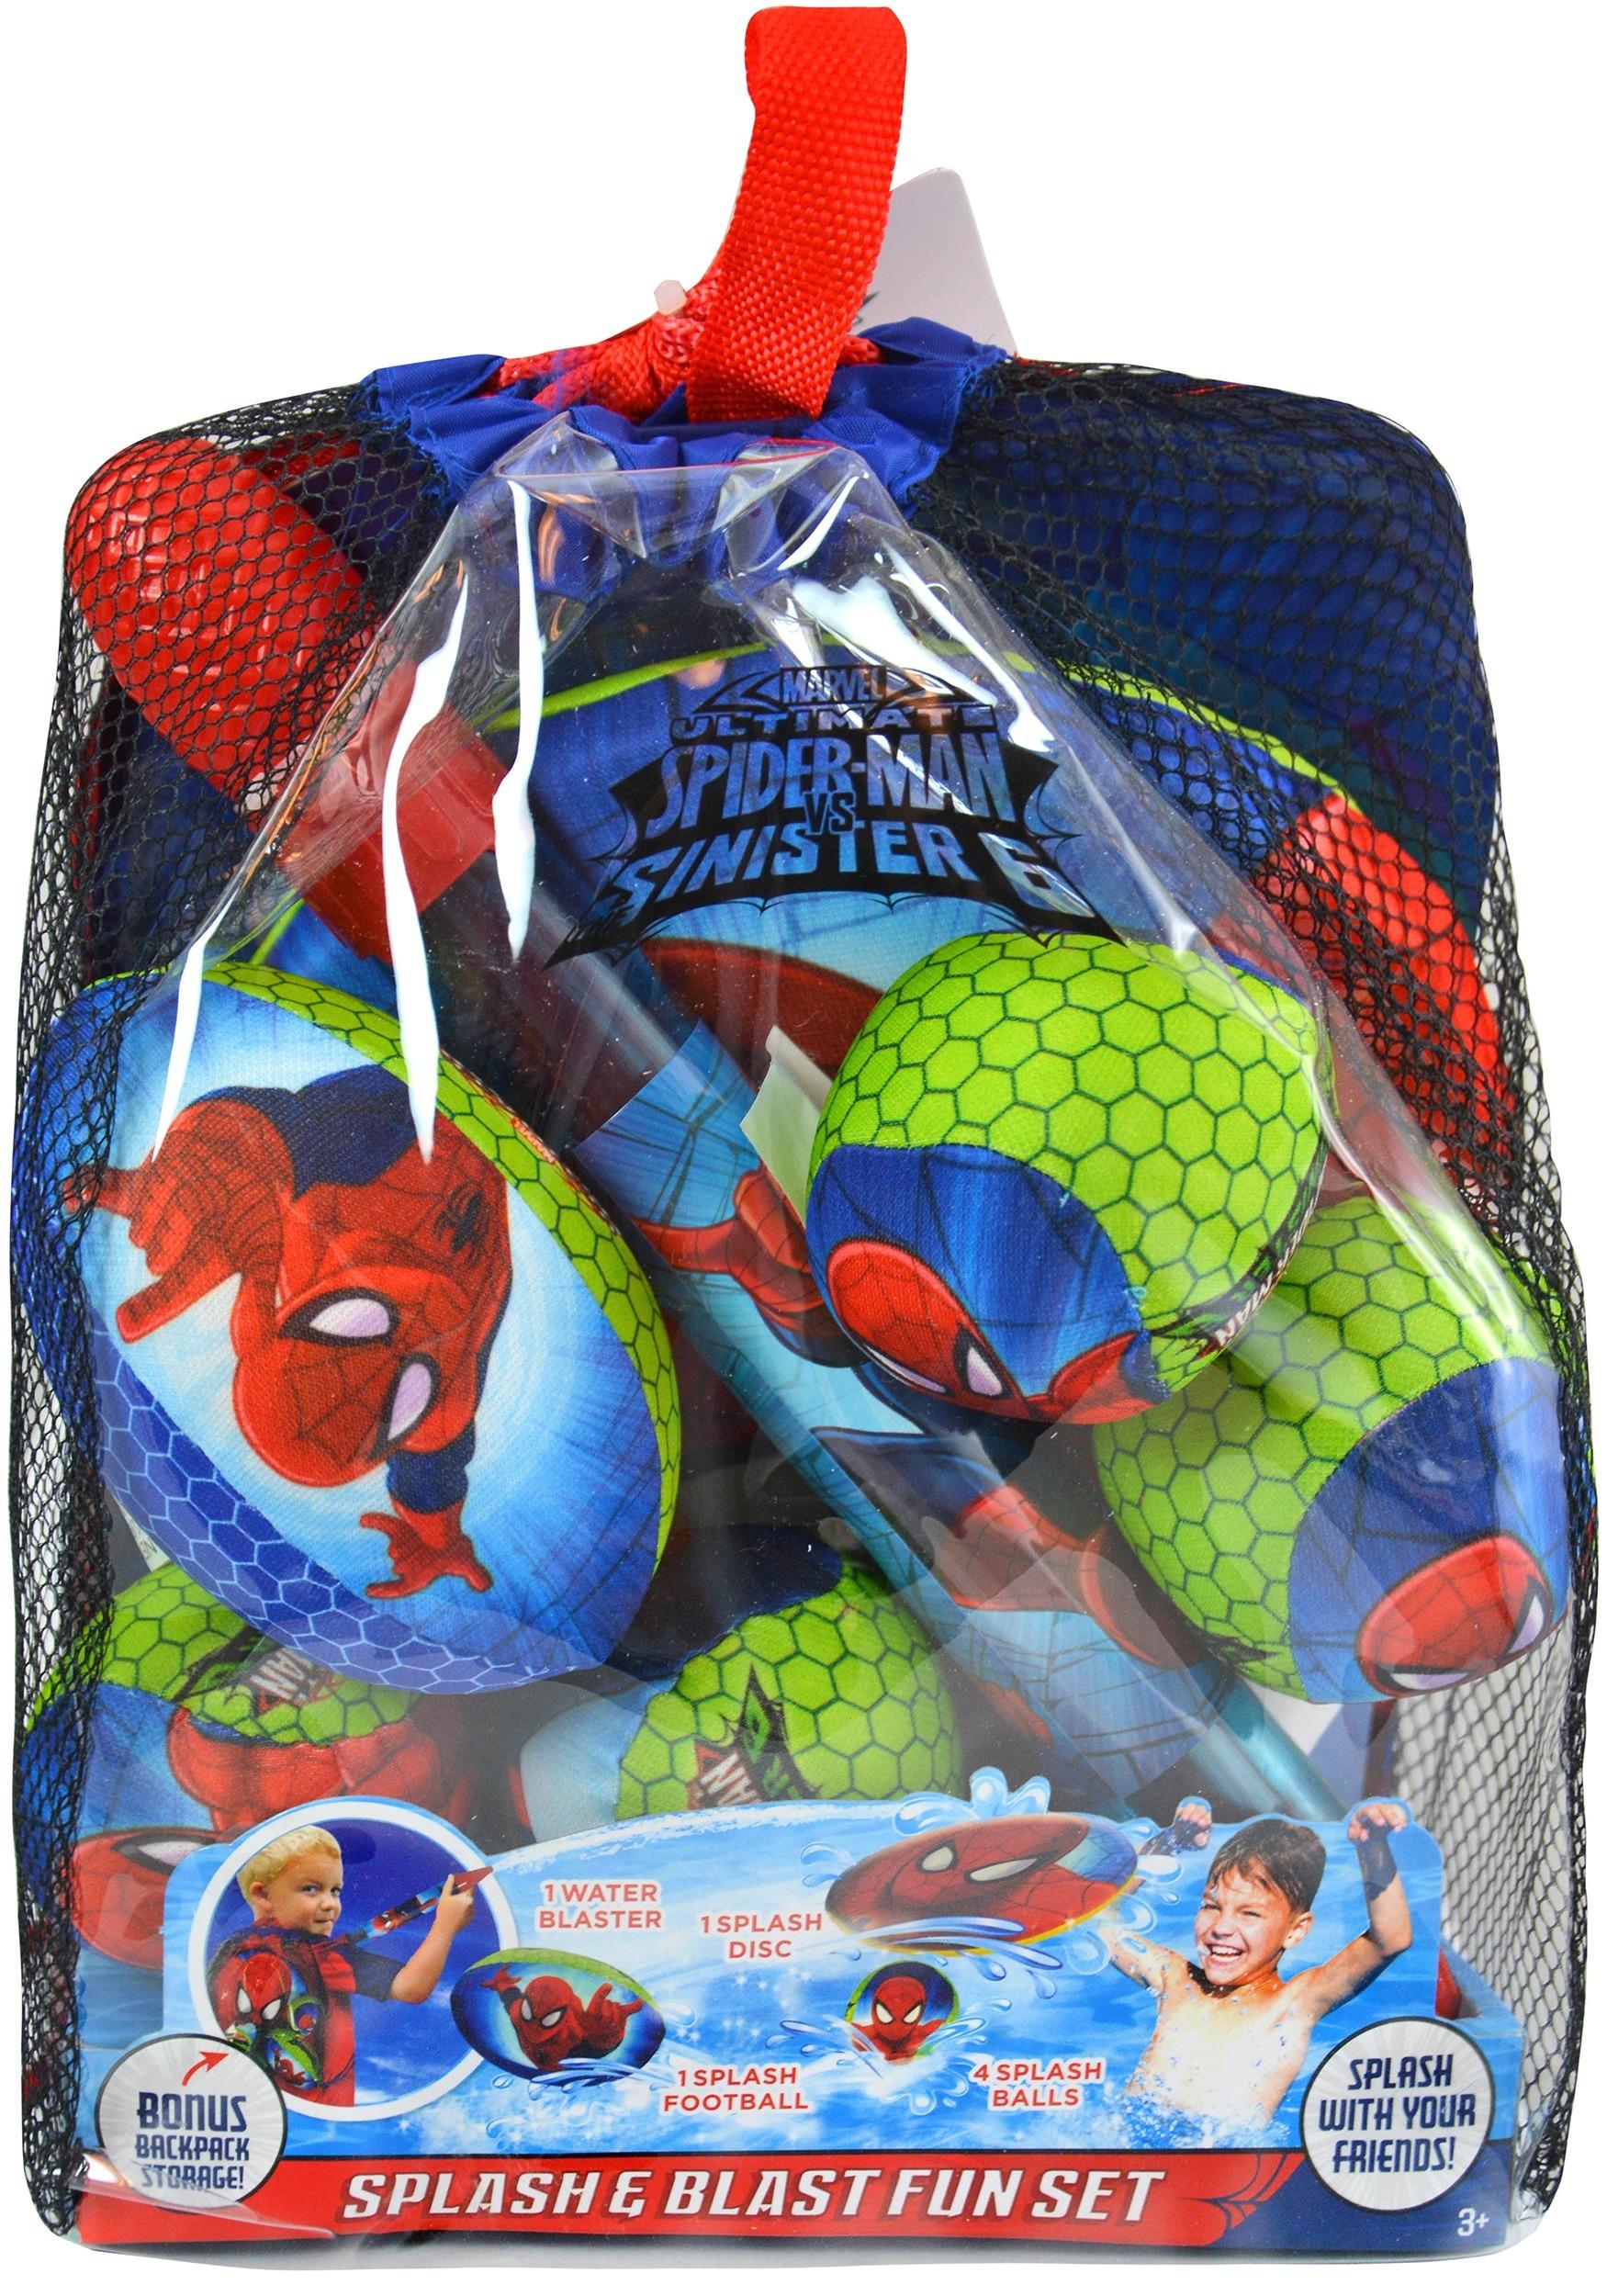 Spider-Man Pool Backpack UPD31489SPD